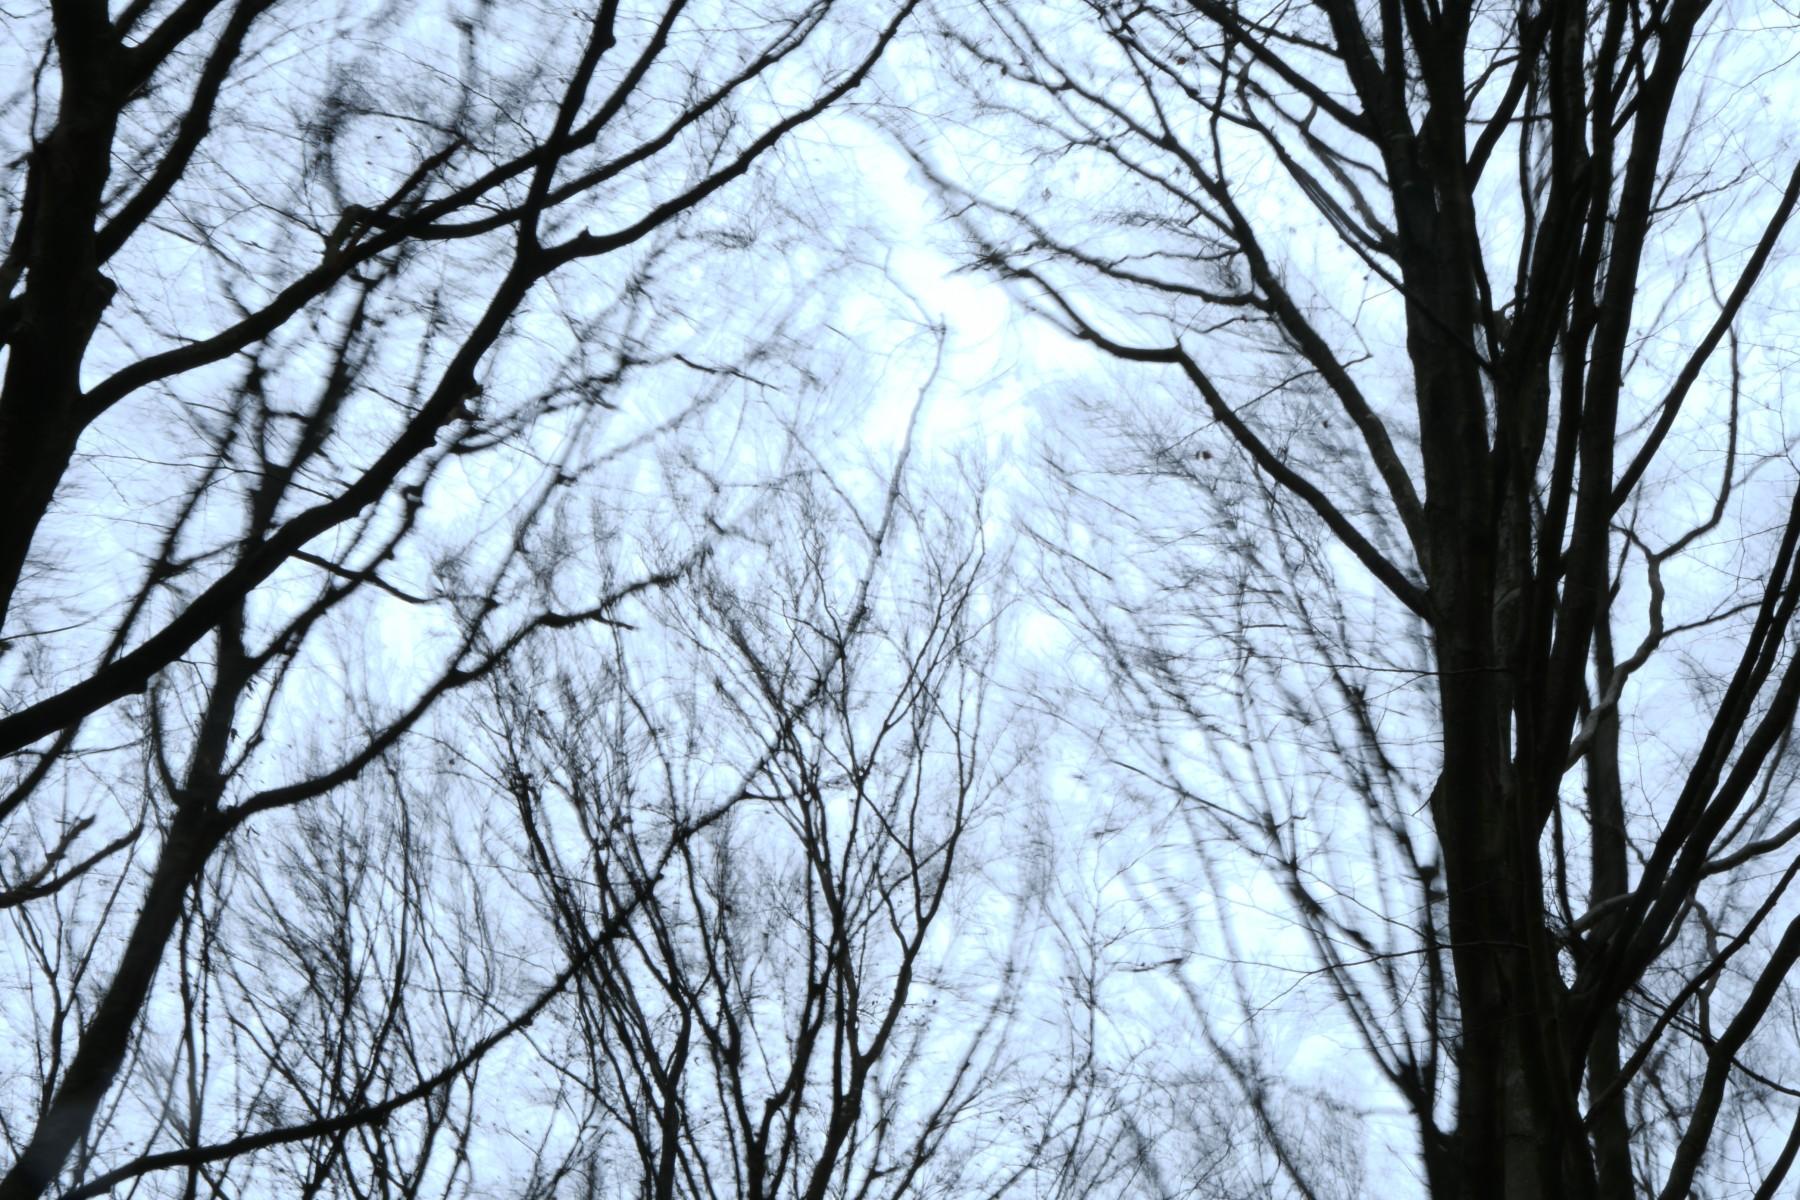 Karin Kalmár; Hoge bomen vangen veel wind